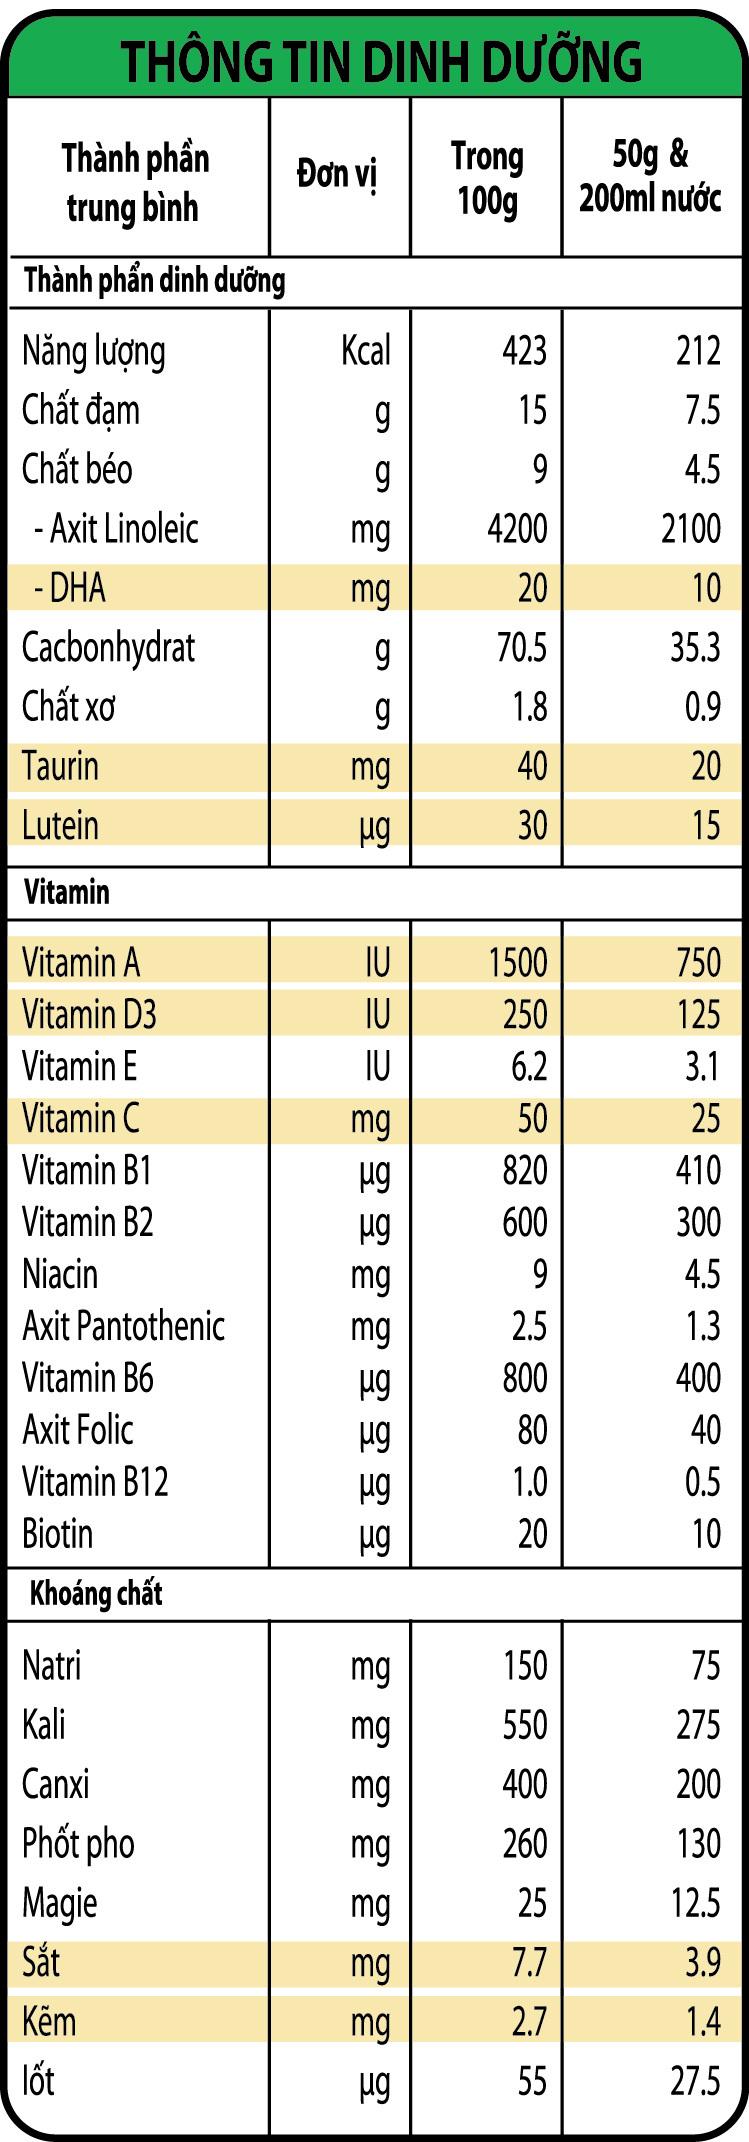 Thành phần dinh dưỡng của bột ăn dặm NutiFood vị ngọt